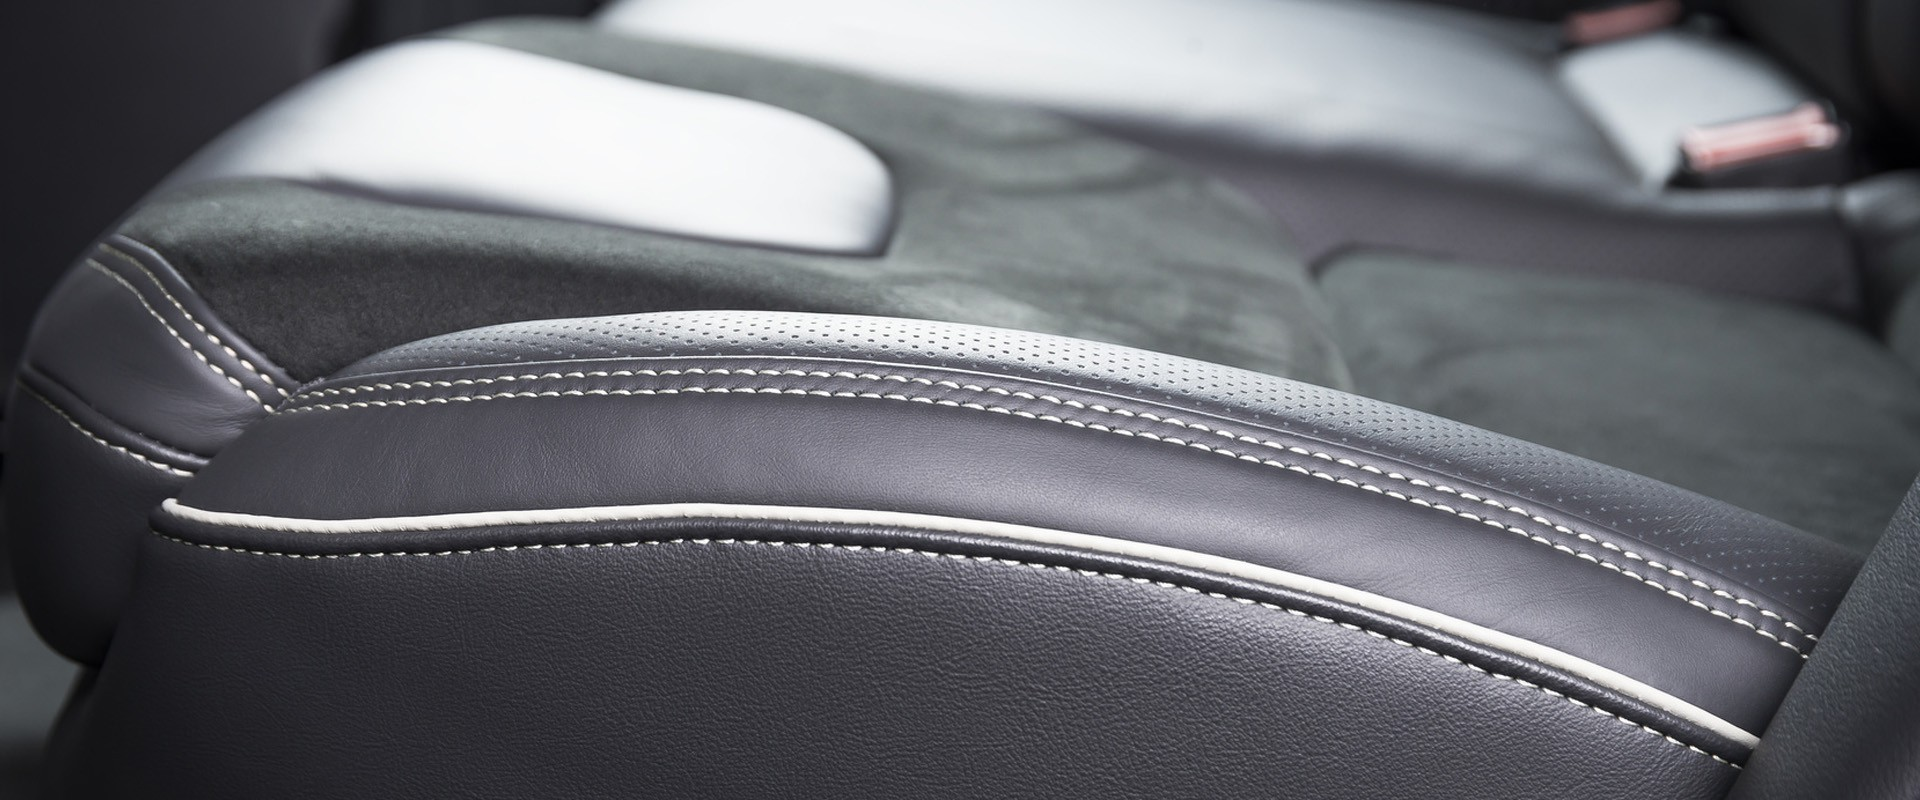 Tkaniny Samochodowe Na Podsufitkę I Tapicerkę W Samochodzie